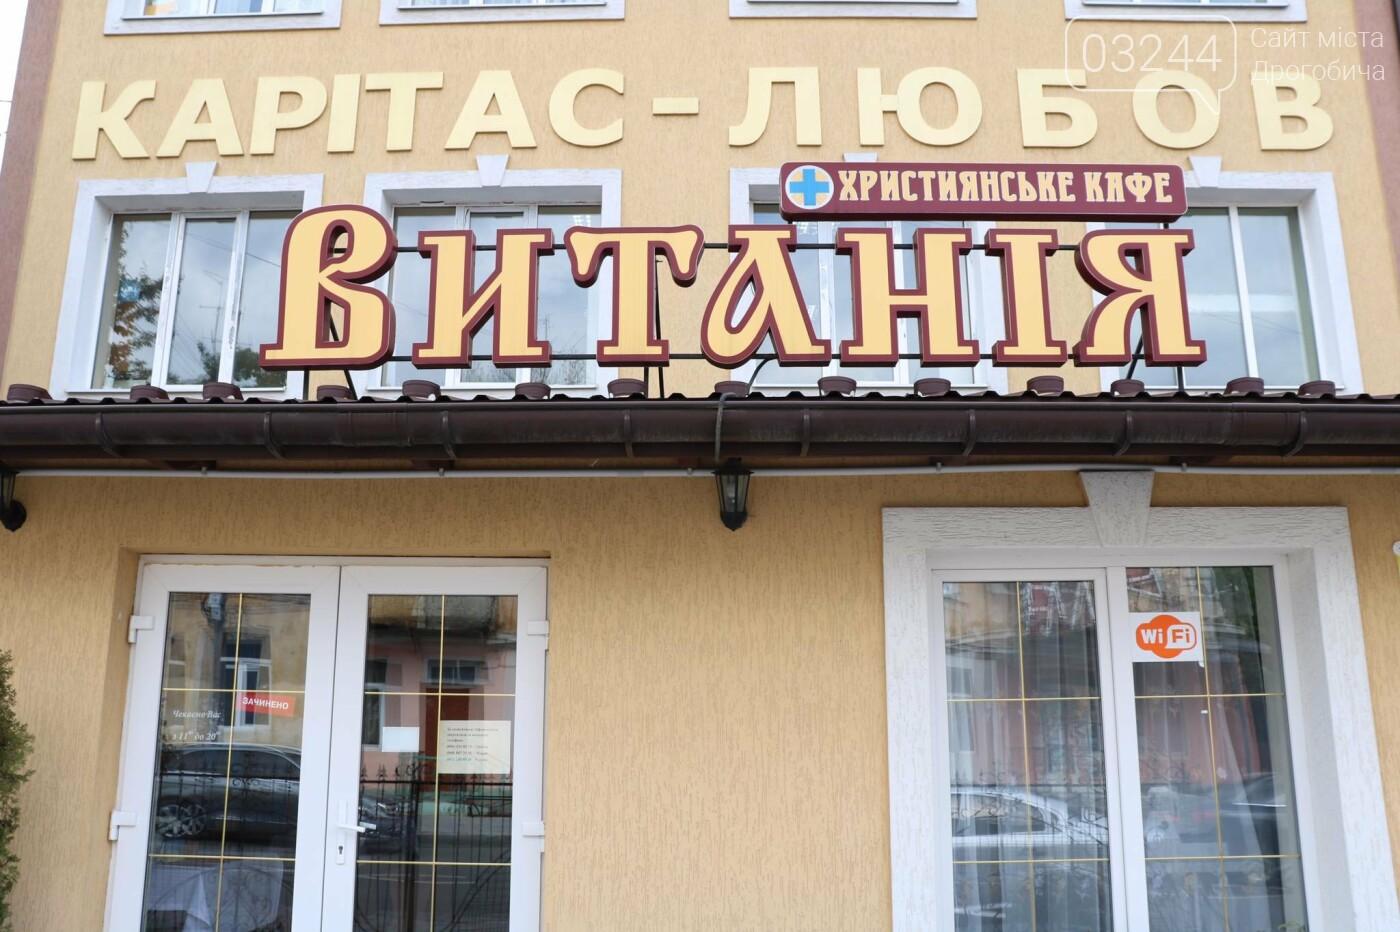 """Допомагають потребуючим: соціальне кафе """"Витанія"""" скеровує частину зароблених коштів на обіди для нужденних, фото-1"""